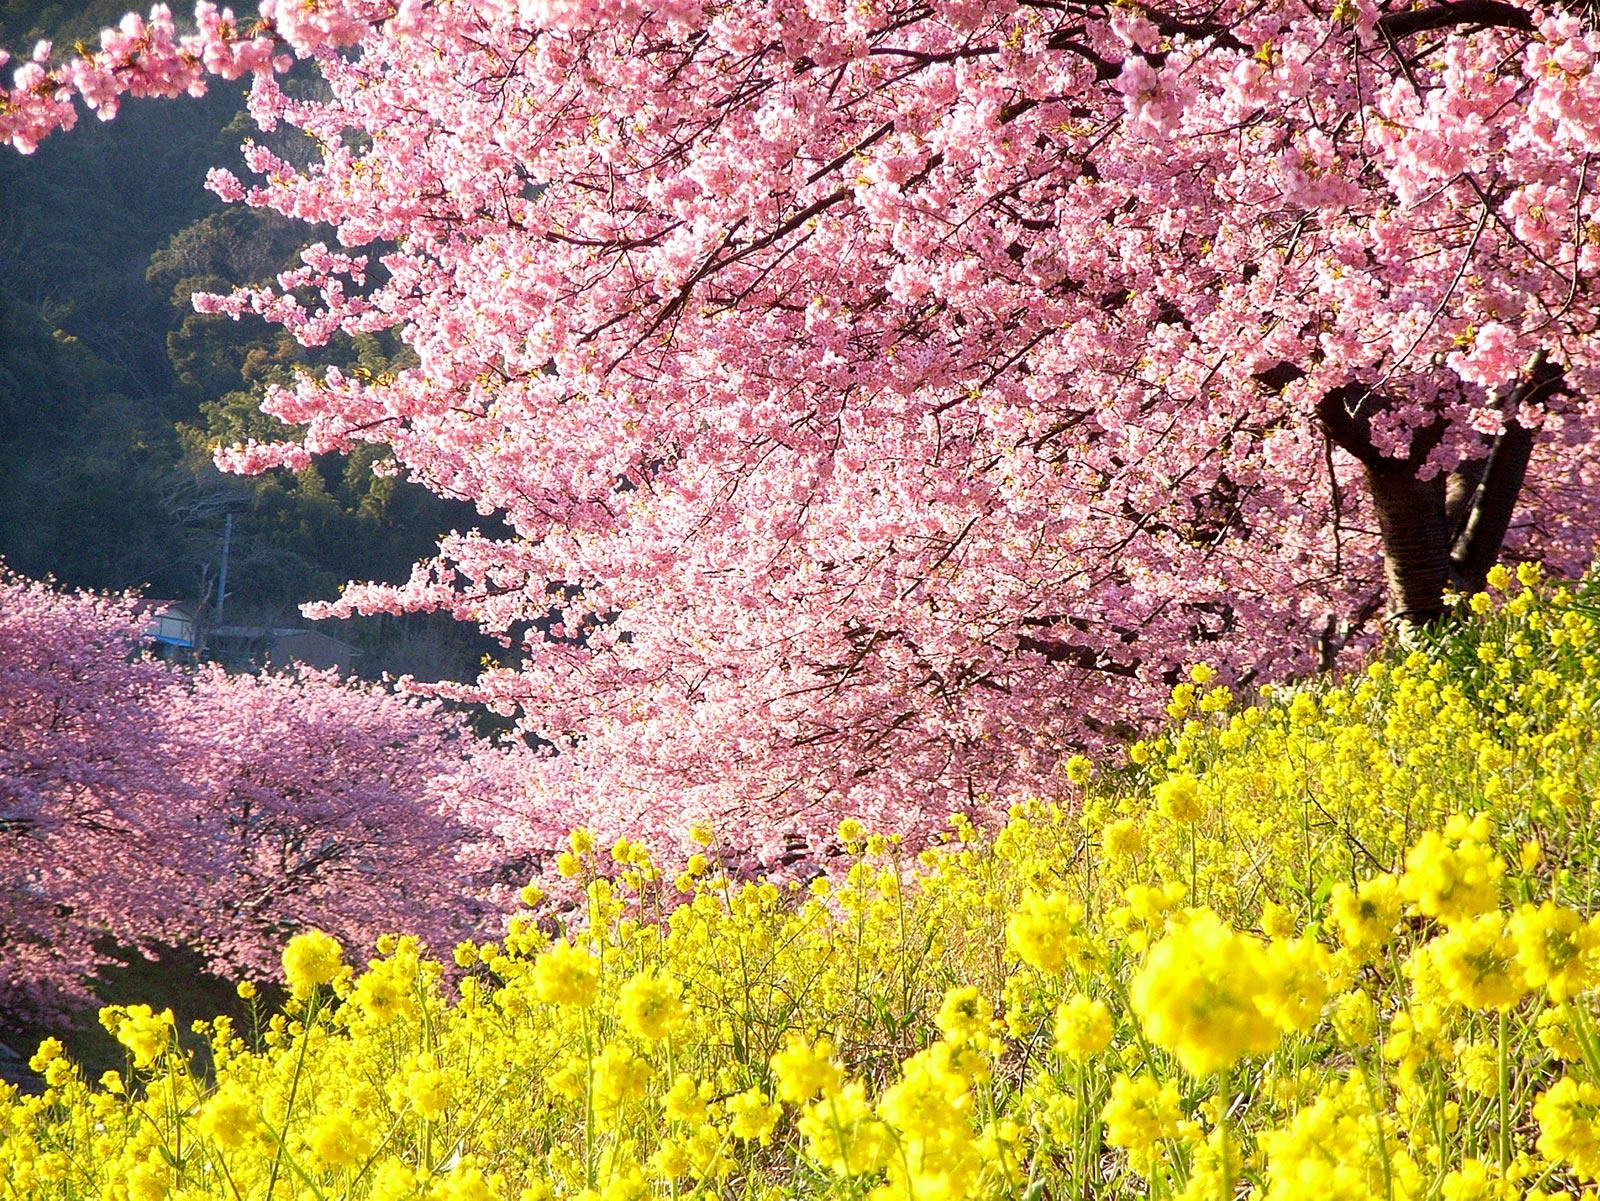 Ein wunderschöner Kontrast: rosa Kirschblüten und gelbe Rapsblüten. (Foto: Naoki Natsume auf flickr https://flic.kr/p/Trp7cf CC BY-ND 2.0)